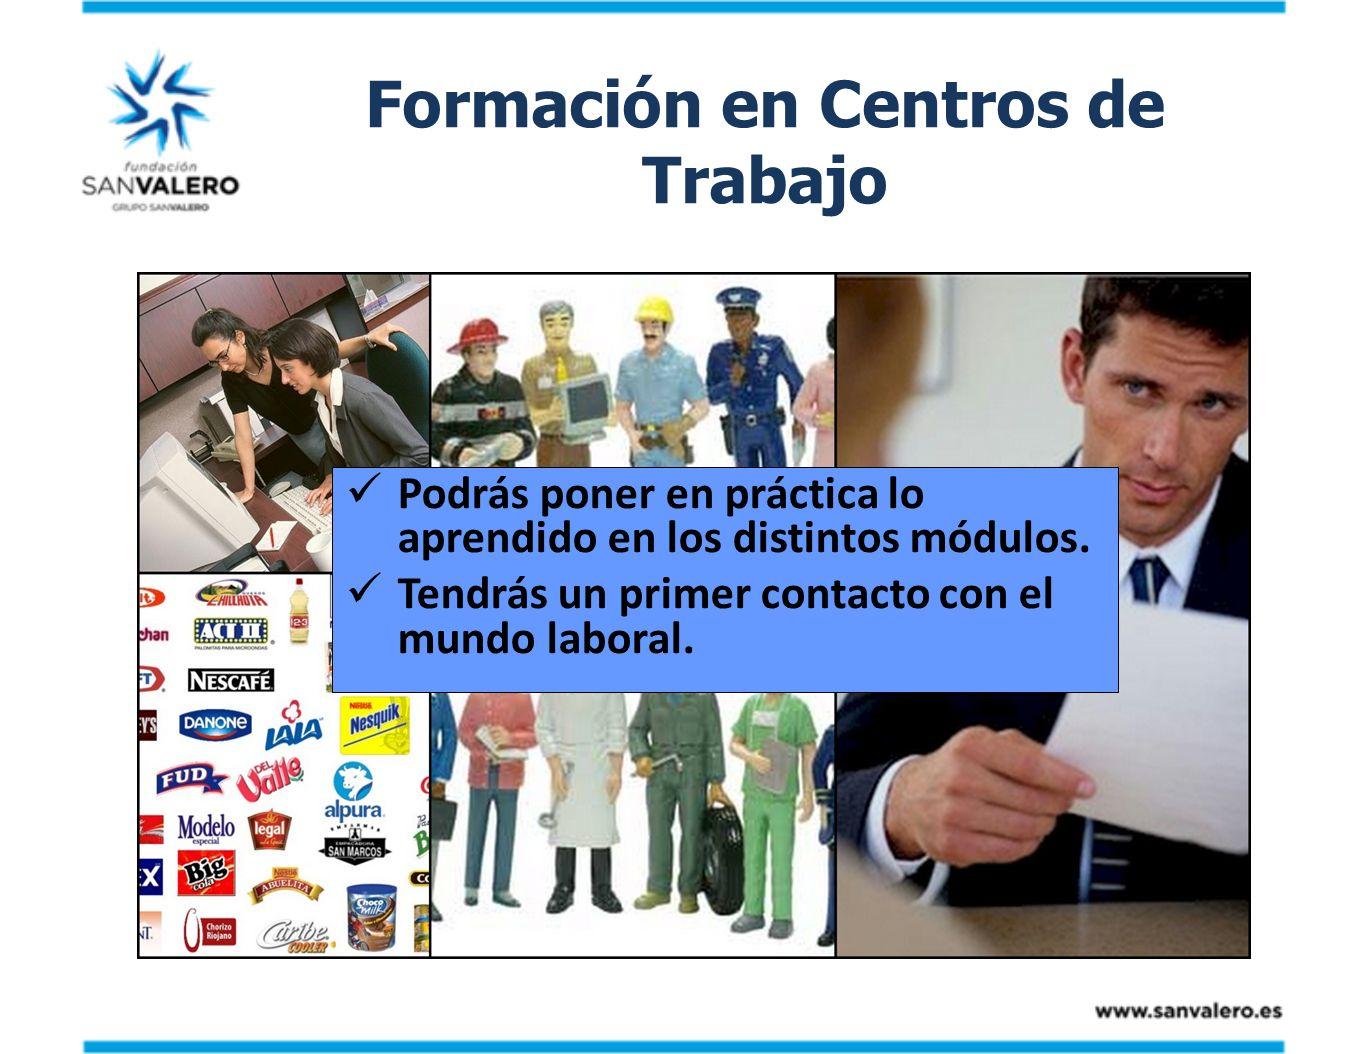 Formación en Centros de Trabajo Podrás poner en práctica lo aprendido en los distintos módulos. Tendrás un primer contacto con el mundo laboral.